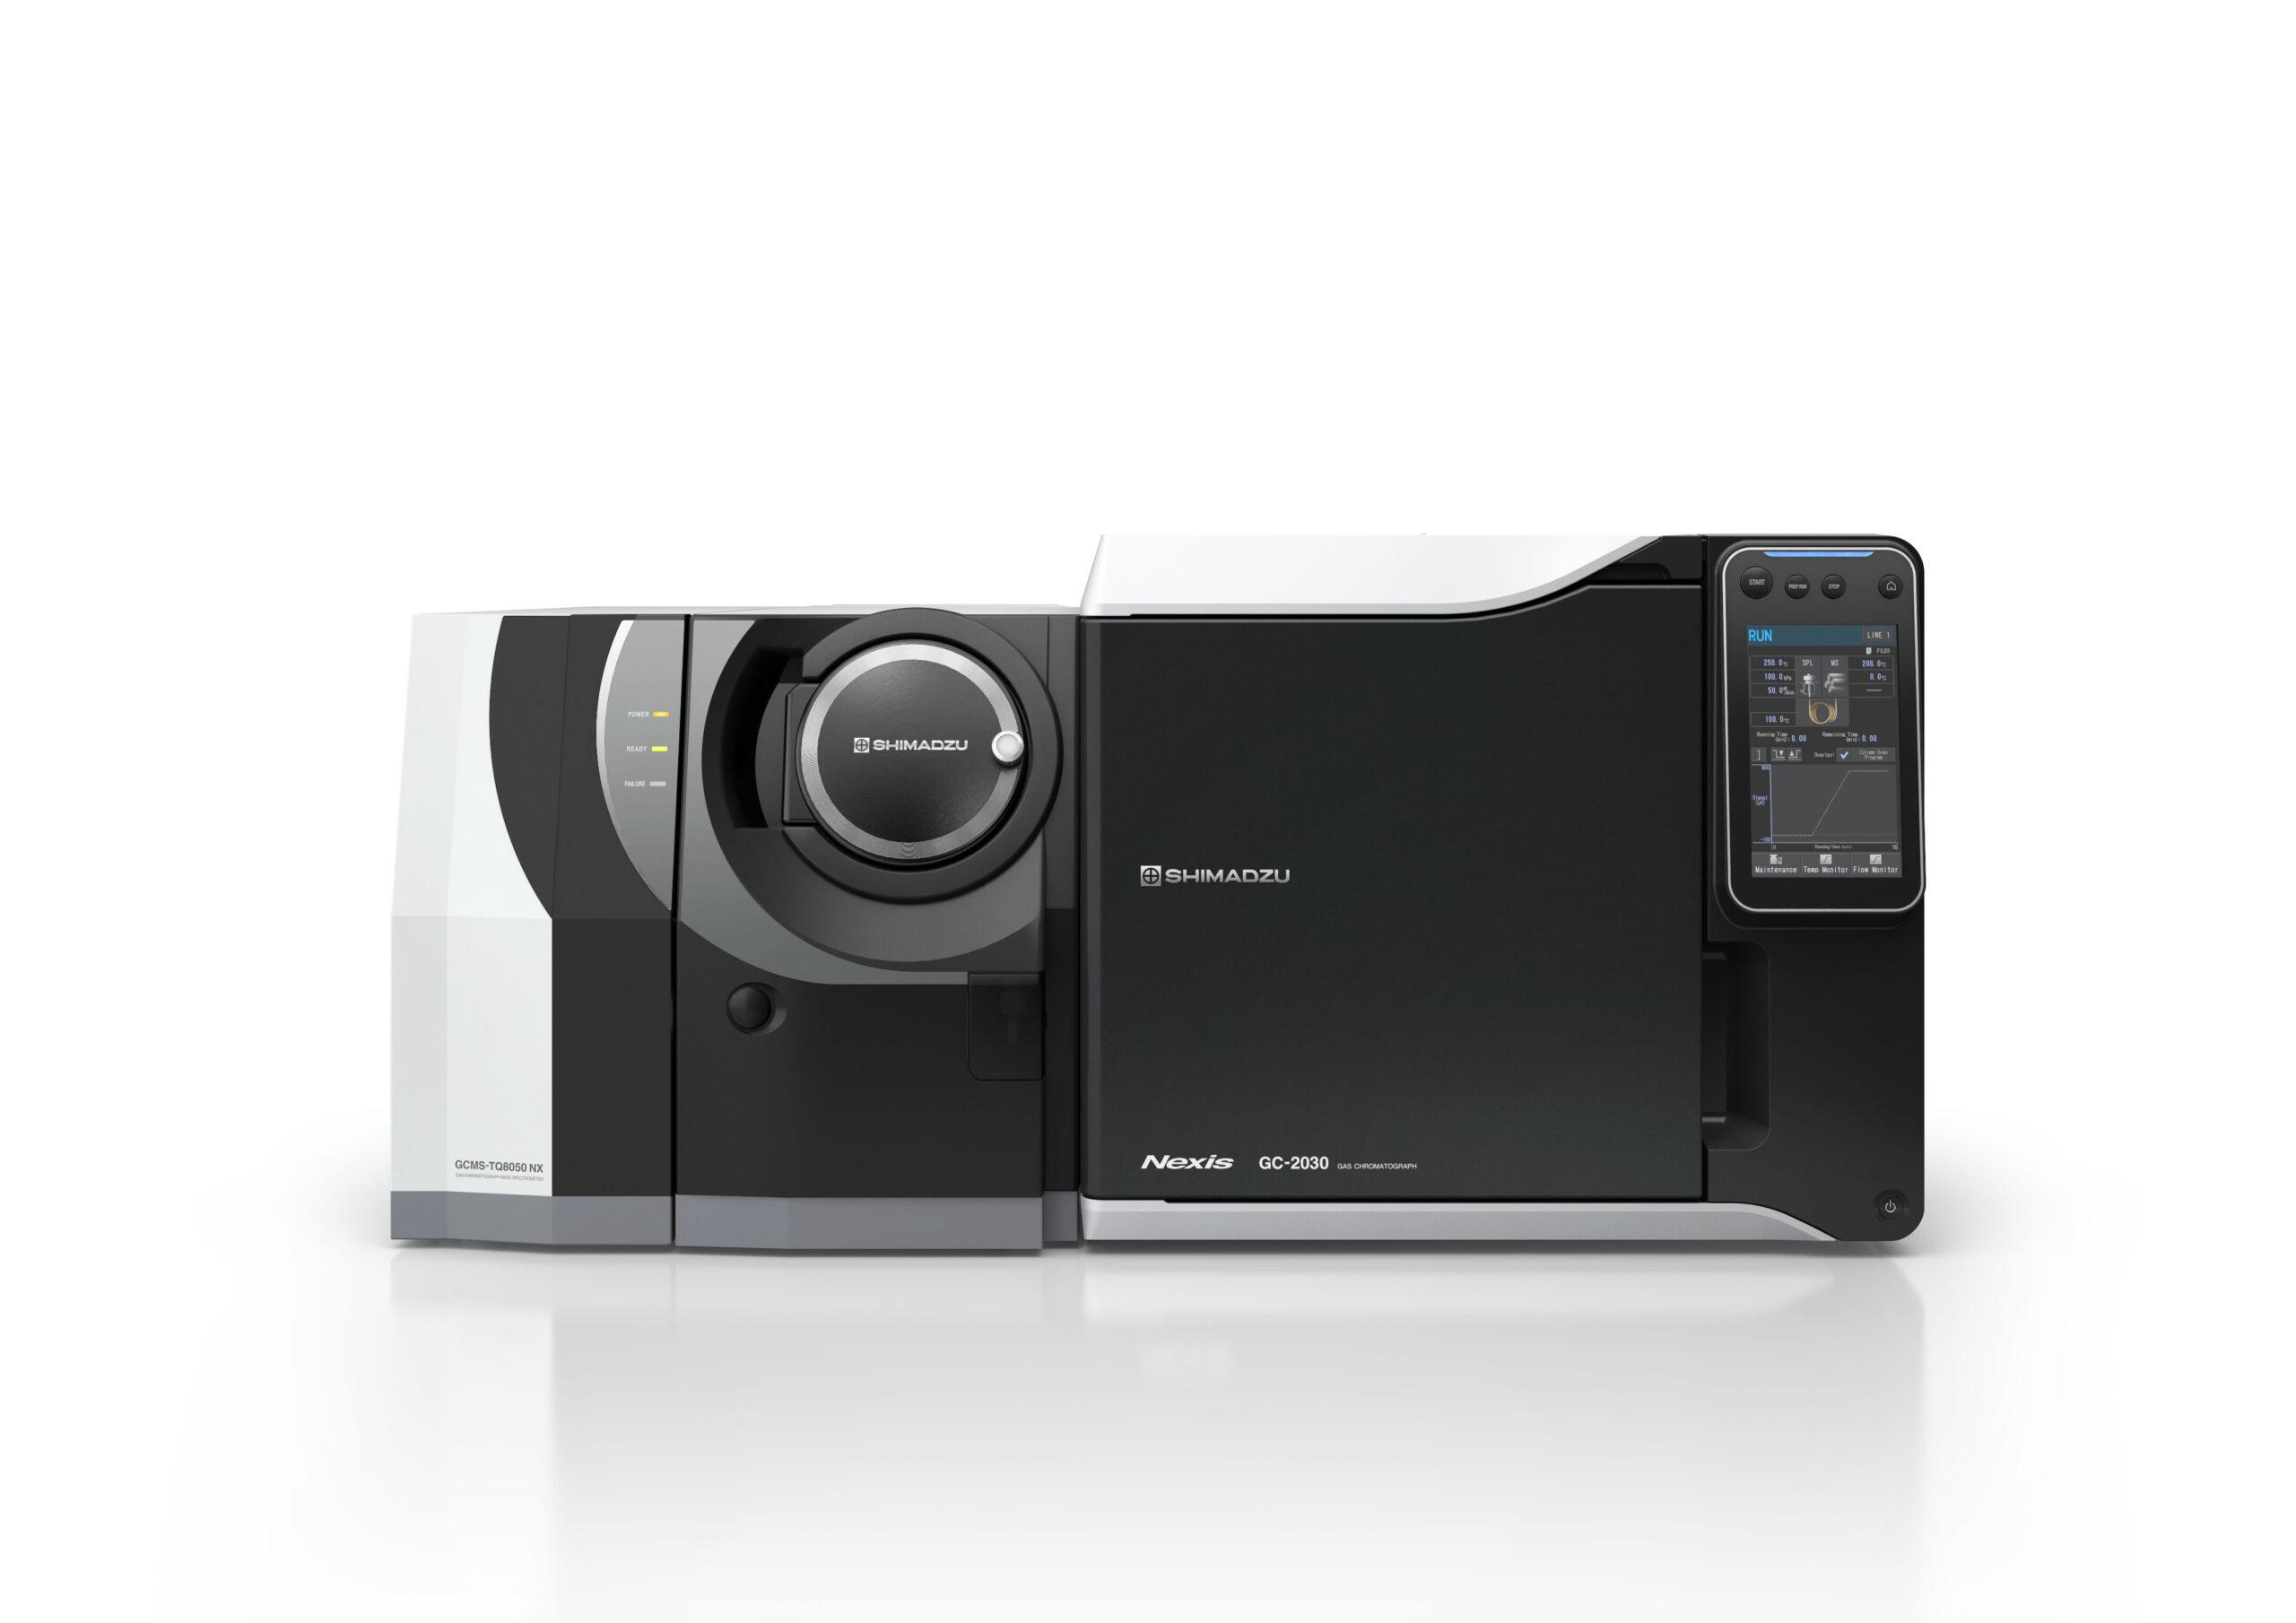 GCMS-TQ 8050NX